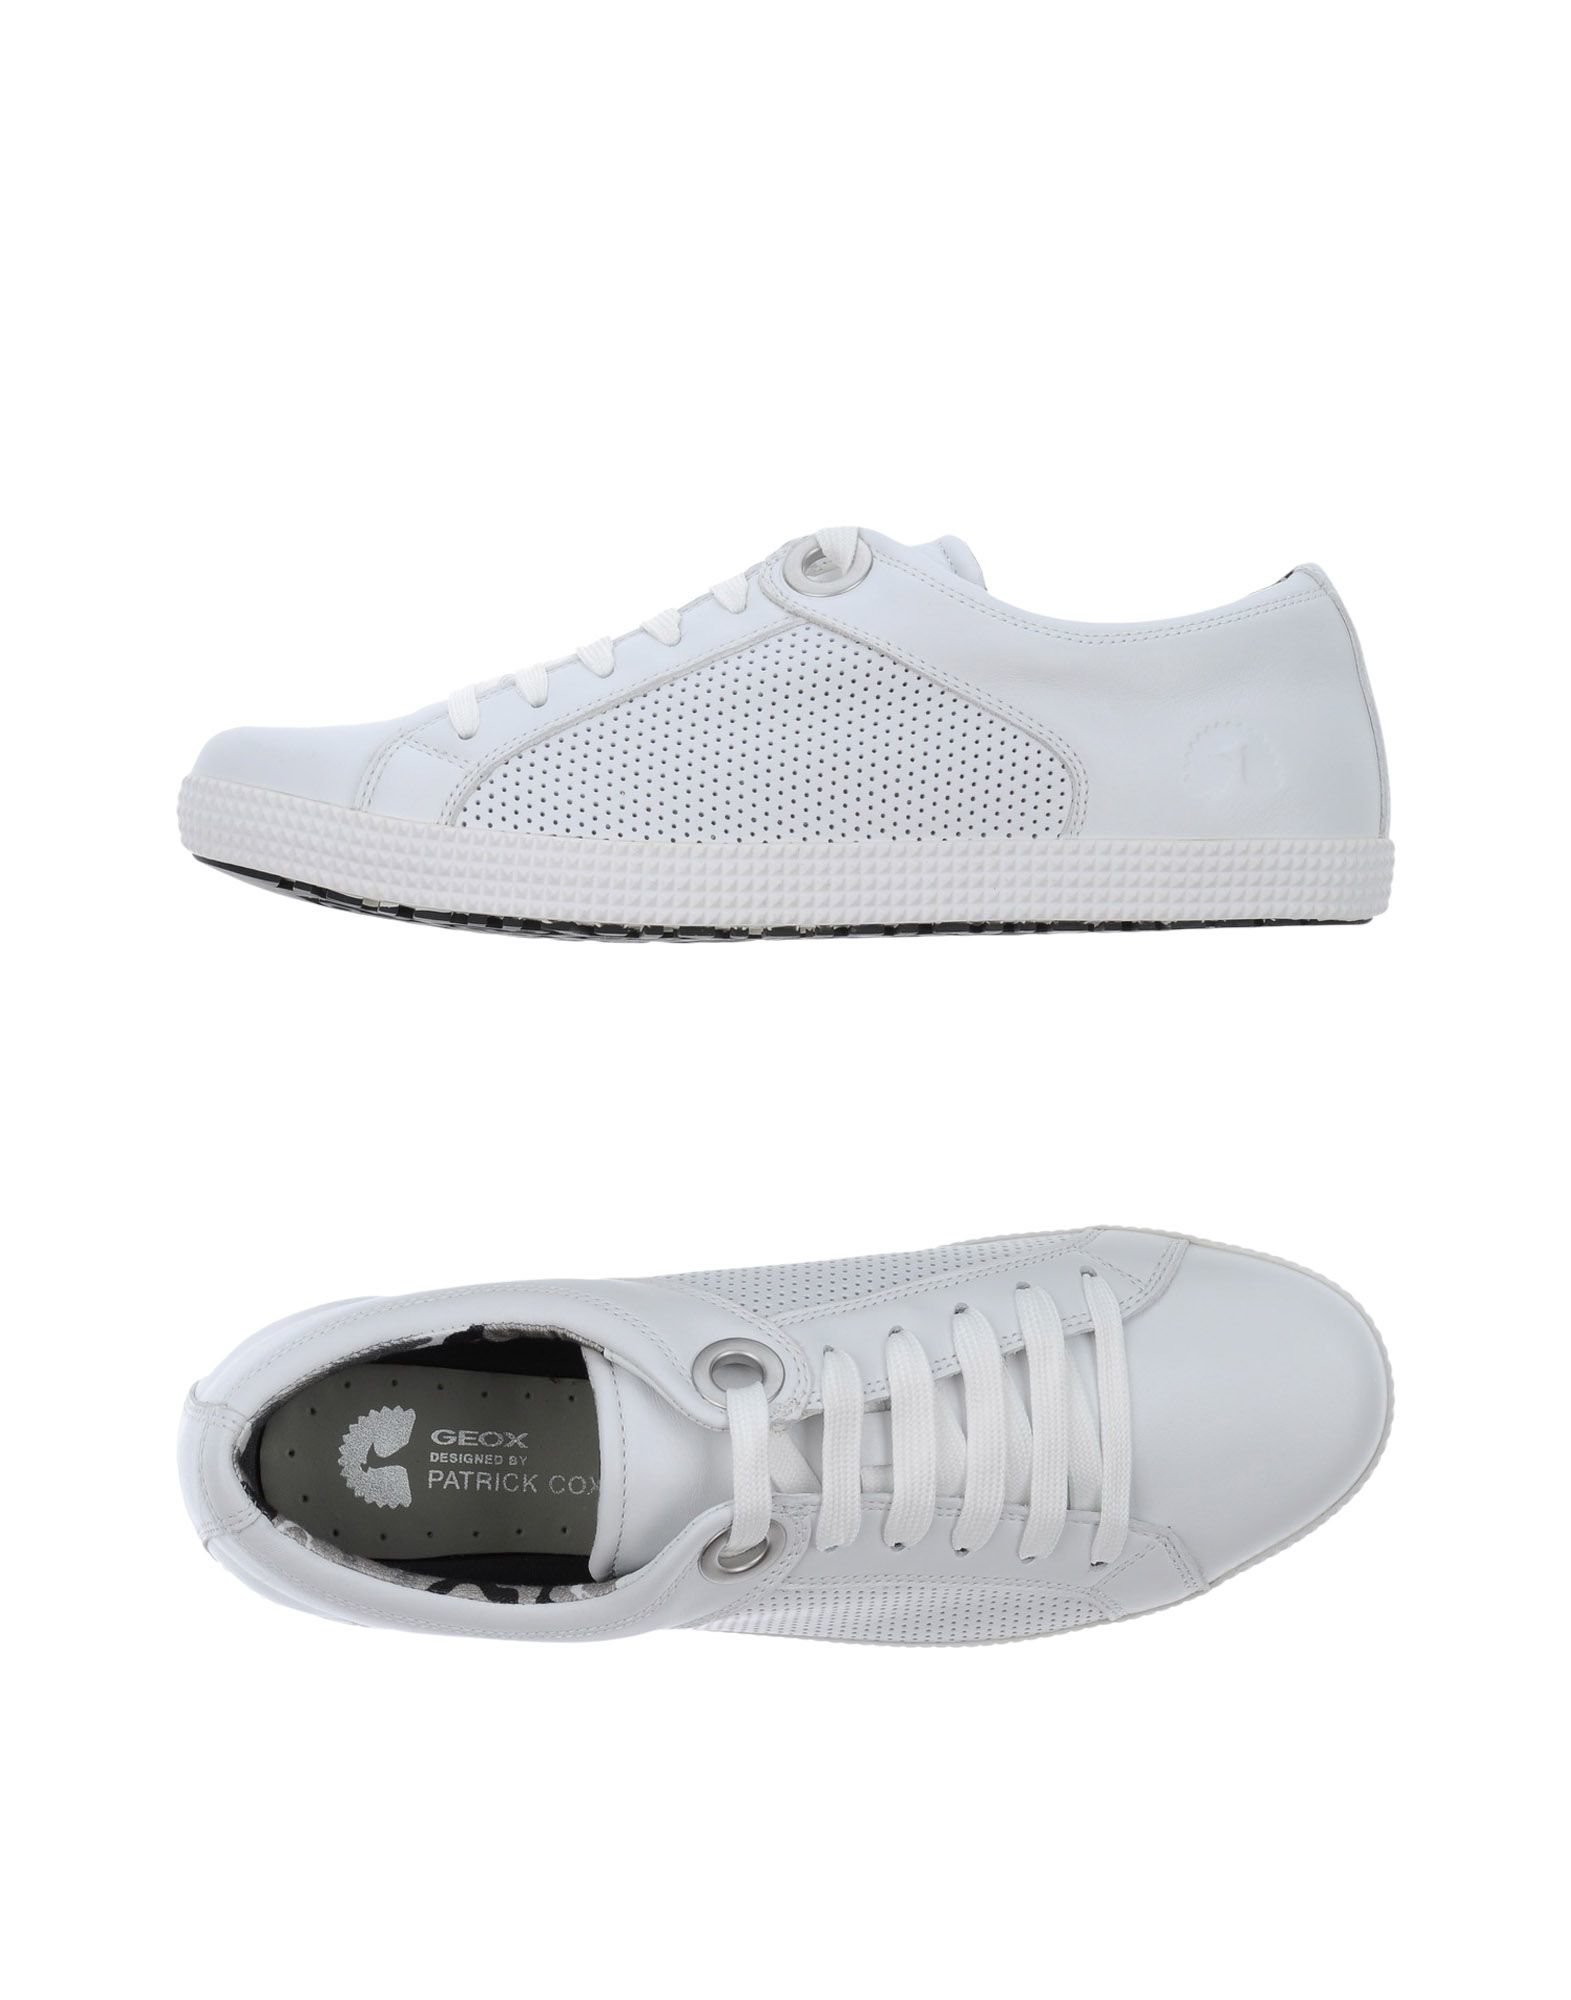 FOOTWEAR - Low-tops & sneakers Patrick Cox TaRYu6